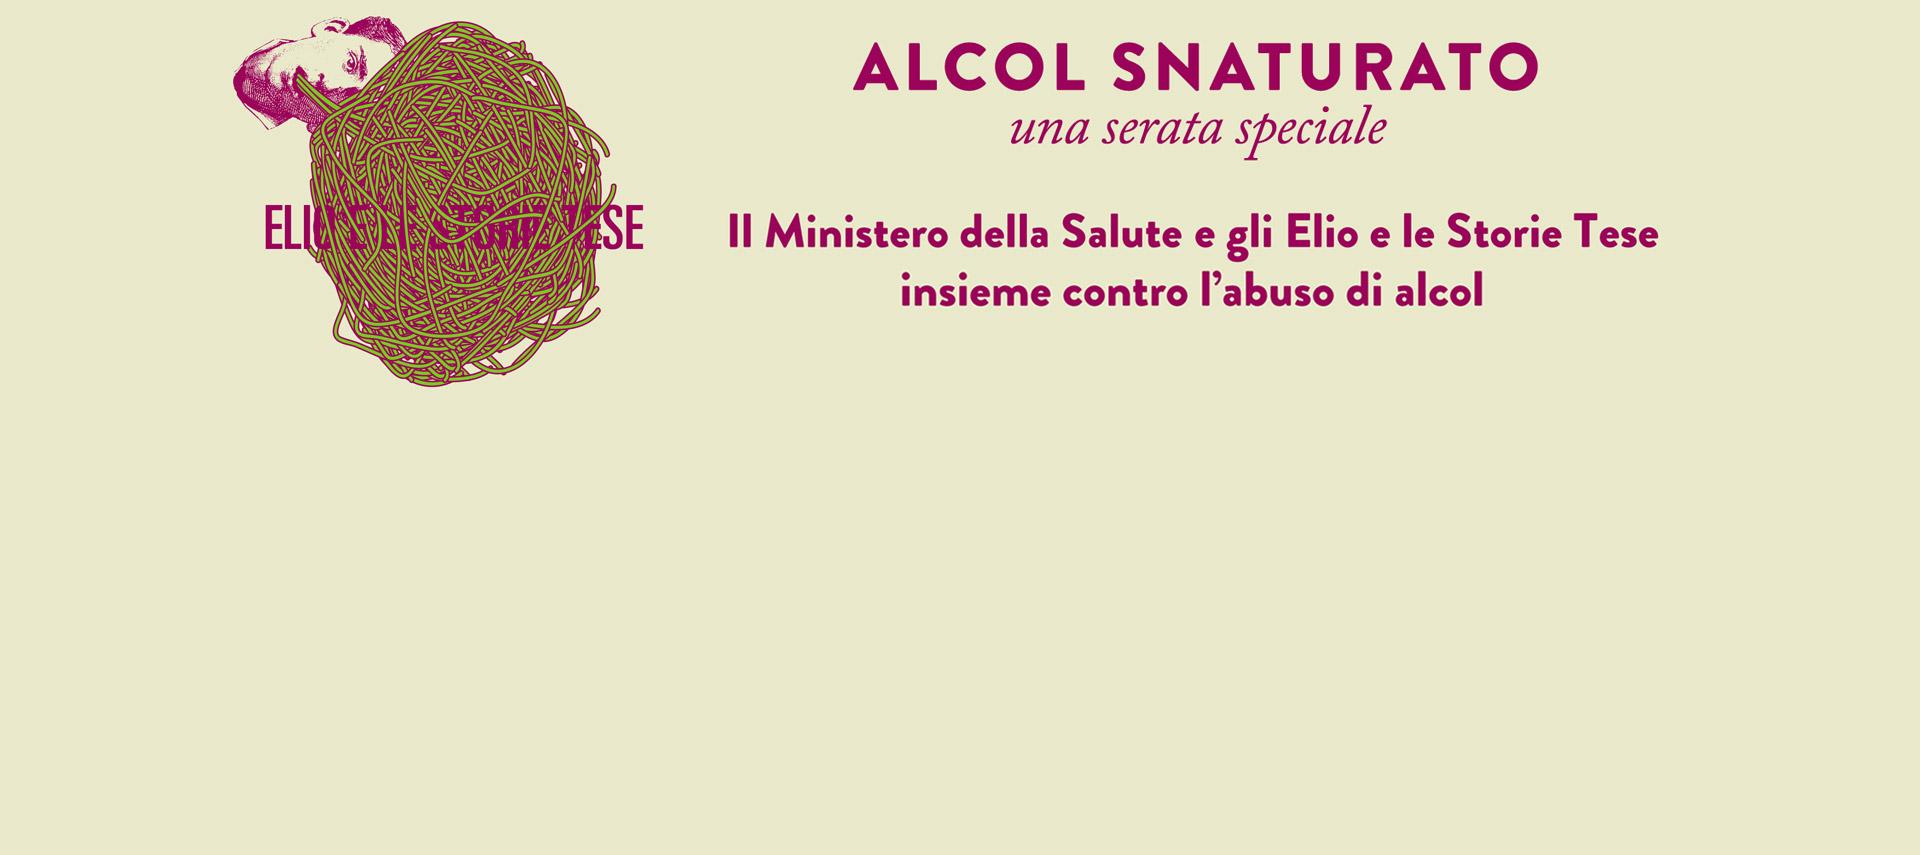 ALCOL SNATURATO una serata speciale - Il Ministero della Salute e gli Elio e le Storie Tese insieme contro l'abuso di alcol